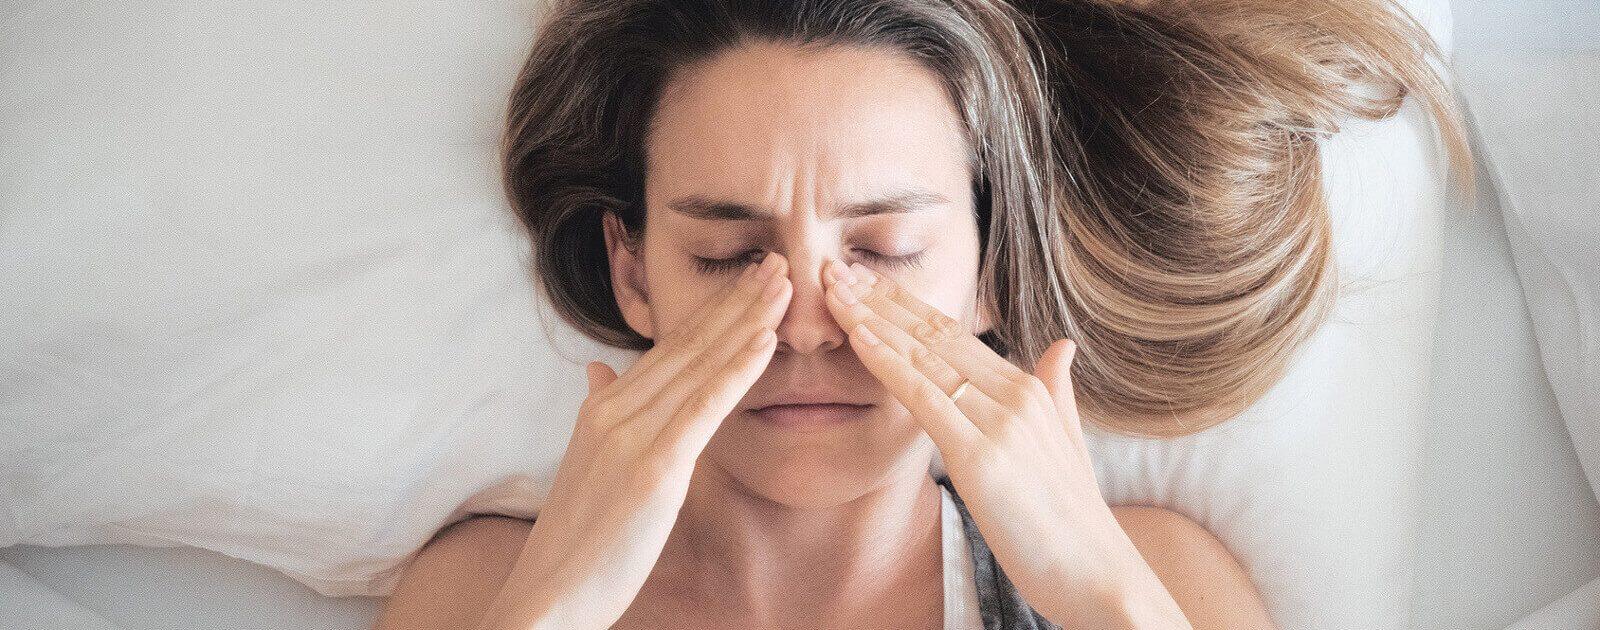 Frau mit angeschwollenen Nasenschleimhäuten wegen Nasenzyklus